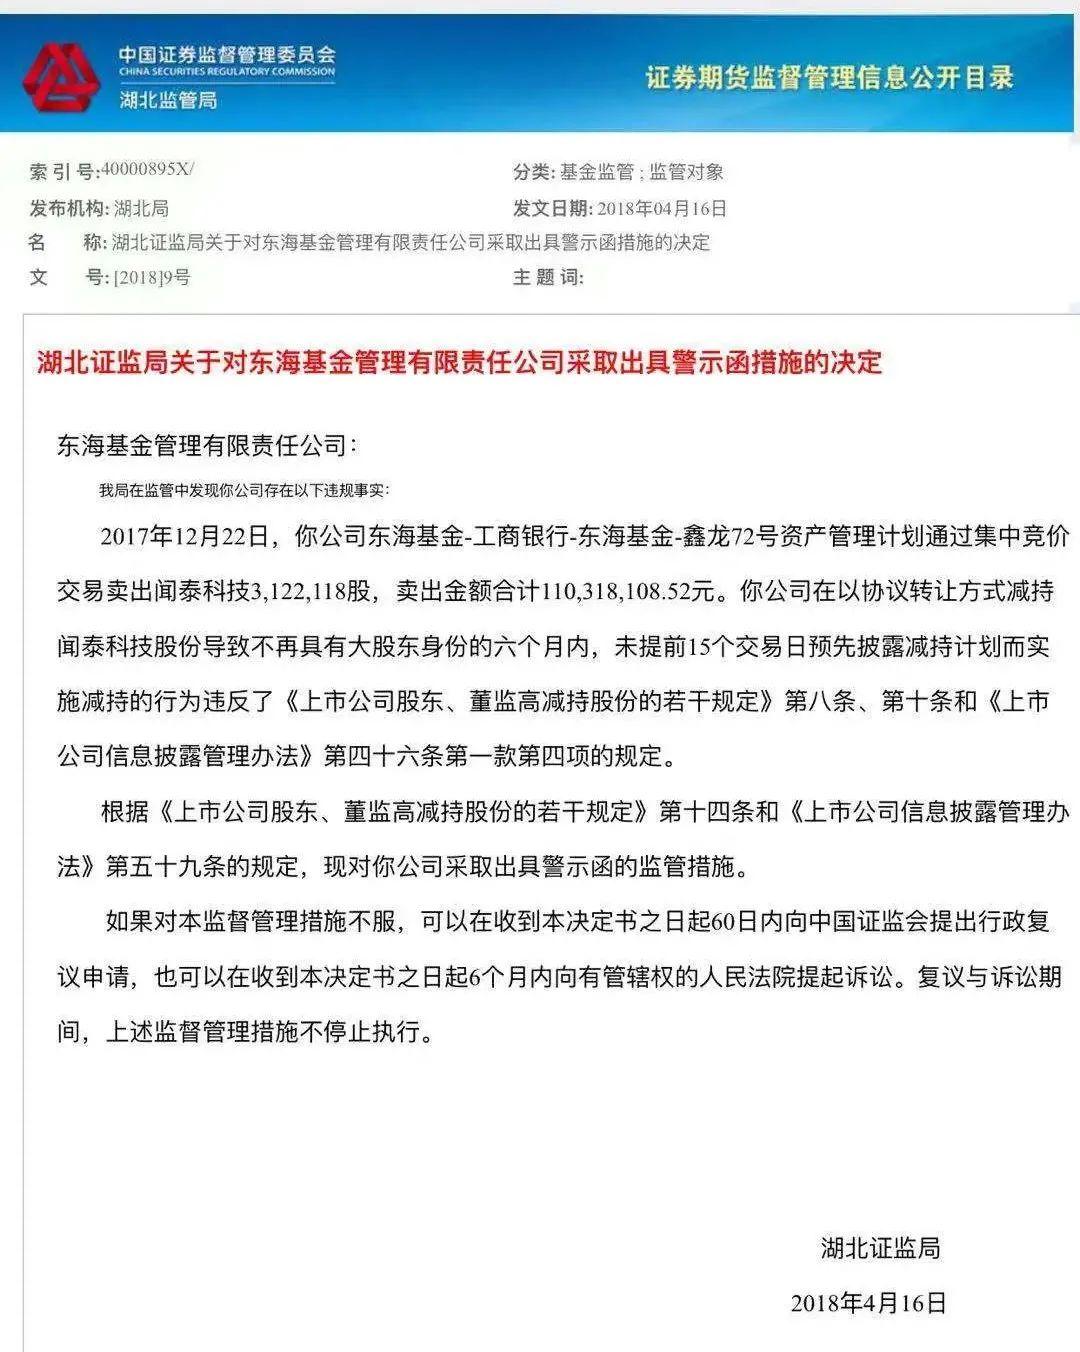 涉嫌操纵市场:东海基金被调查 上半年3只债基遭巨额赎回